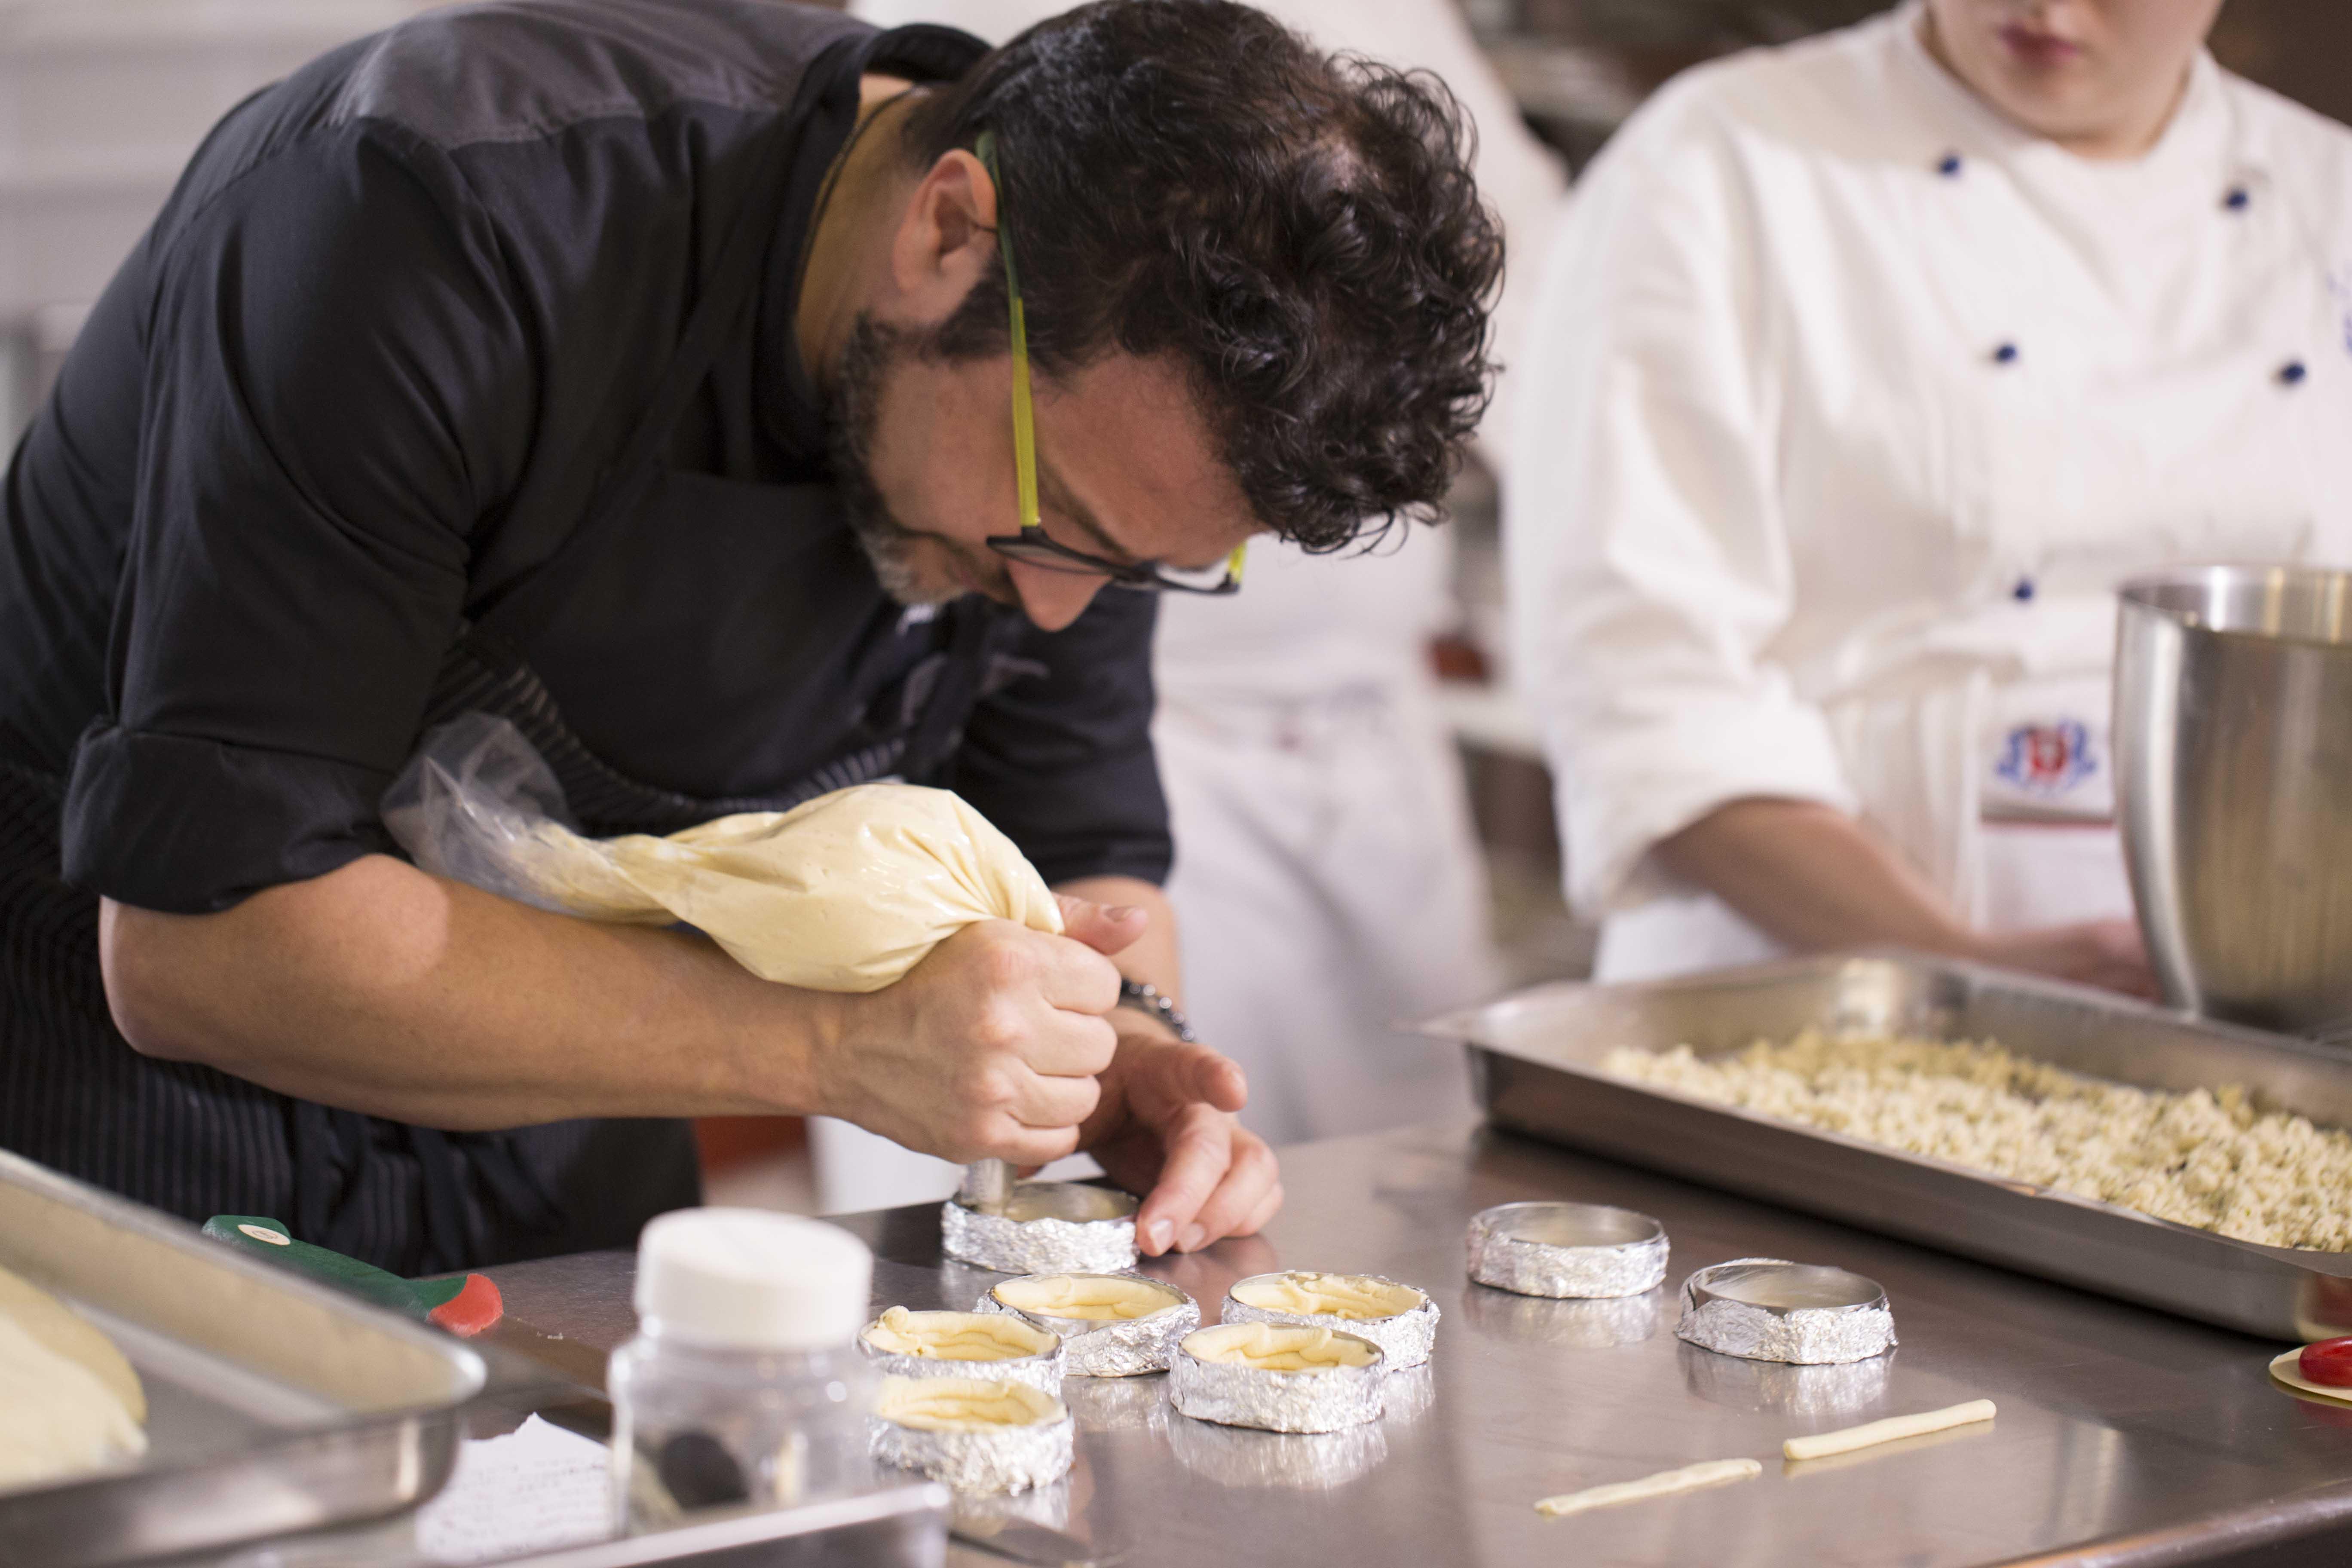 il maestro stefano laghi con la sacca a poche prepara dessert per associazione cuochi messina